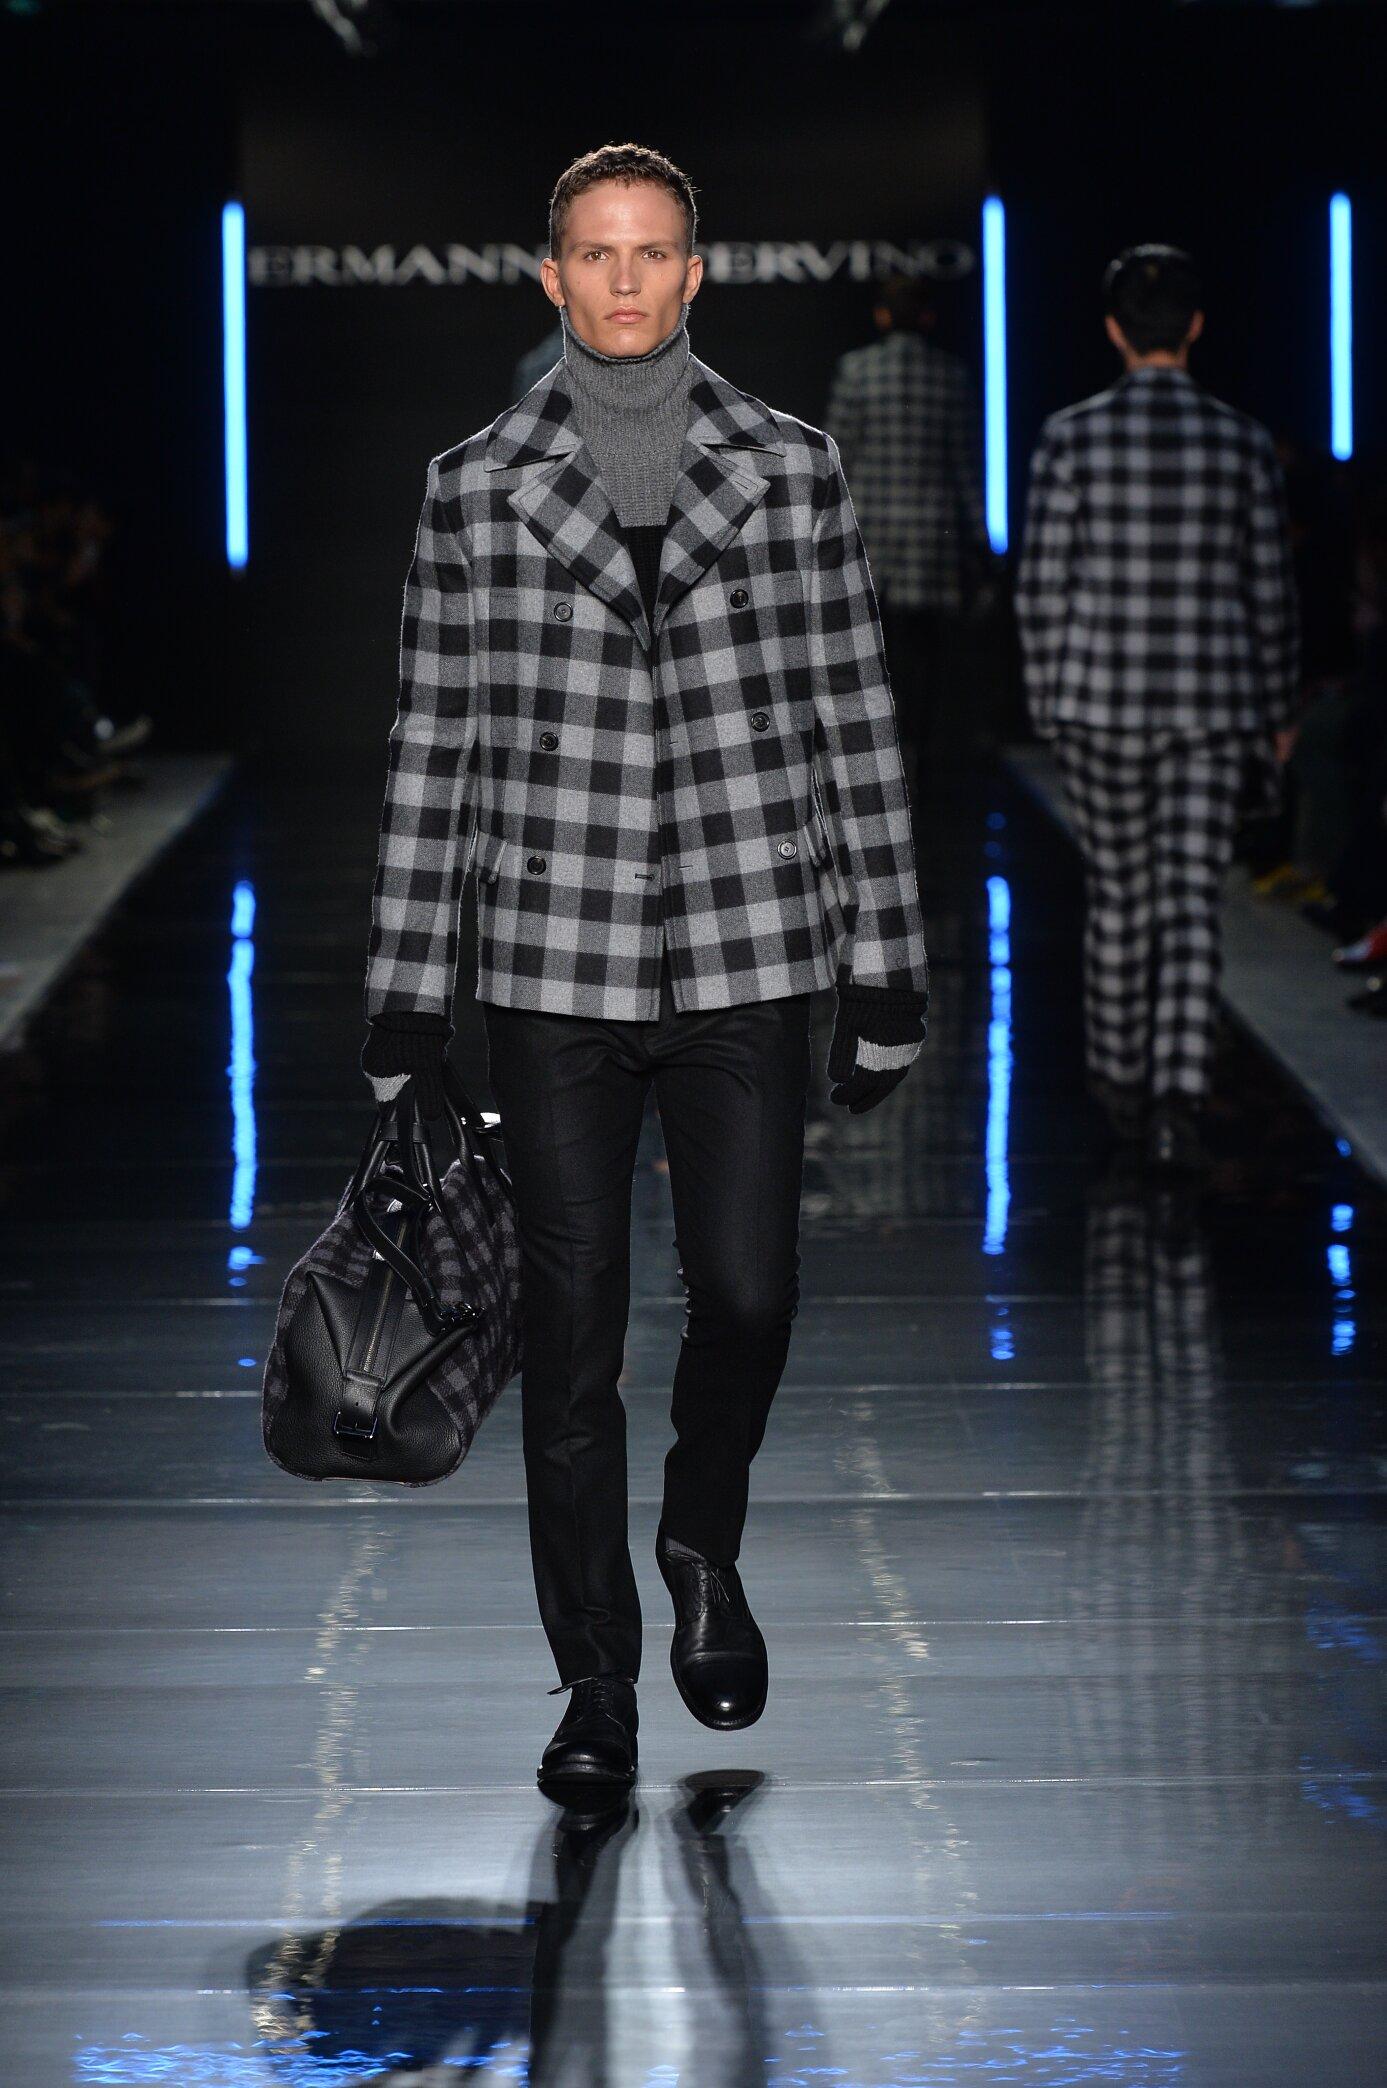 Fall Winter 2014 15 Fashion Men's Collection Ermanno Scervino